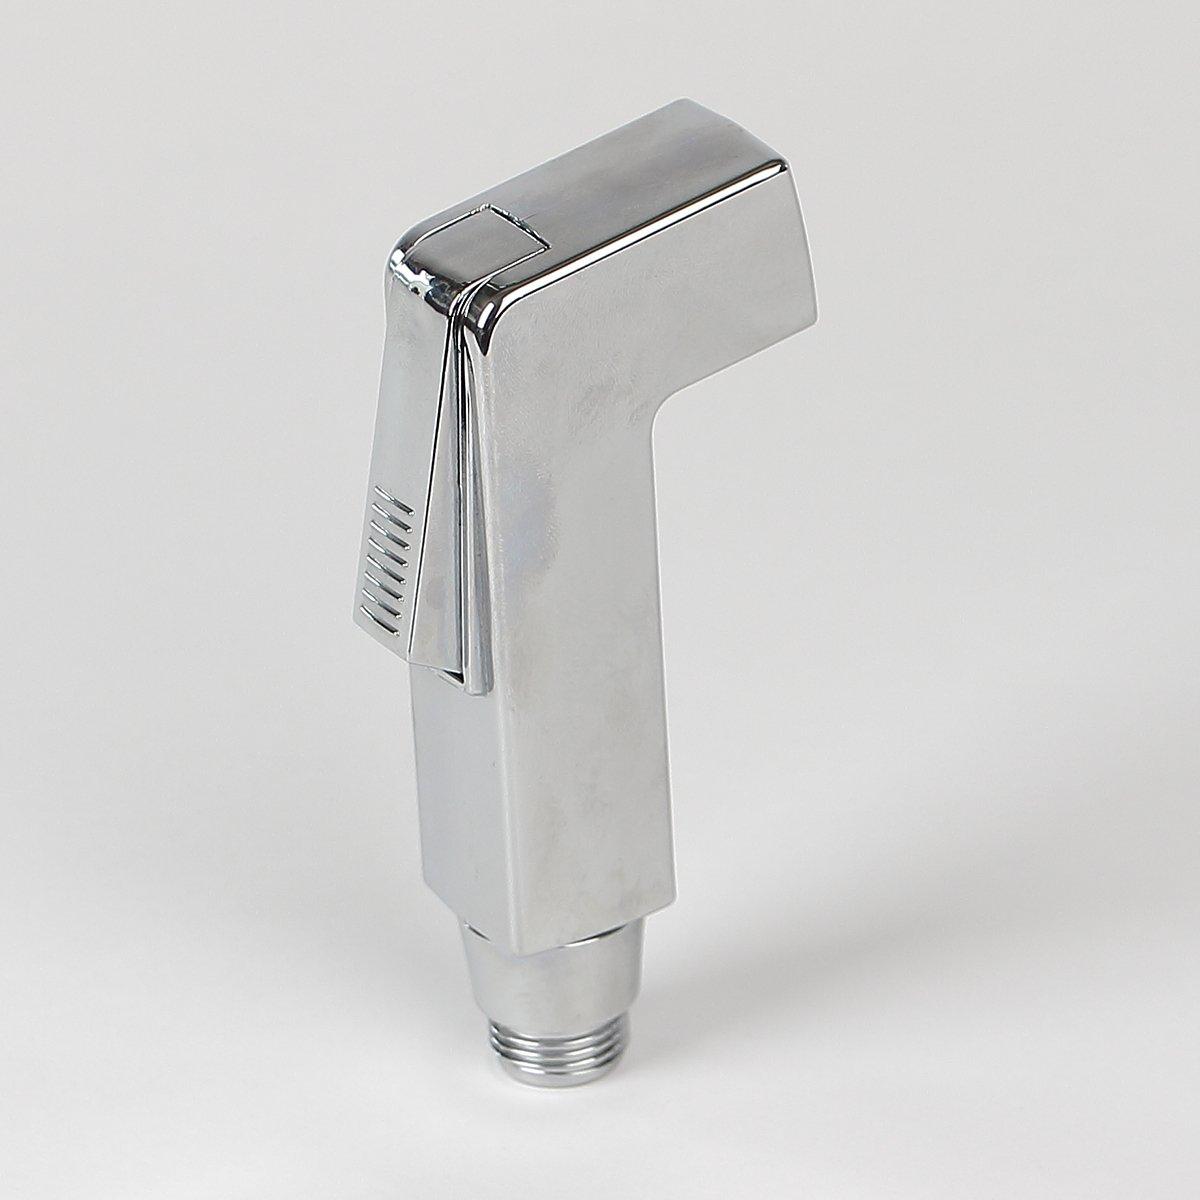 Soytich Bidet Hygienedusche Intimdusche Handbrause Wasserhahn Hundedusche Bidet6 Eckig